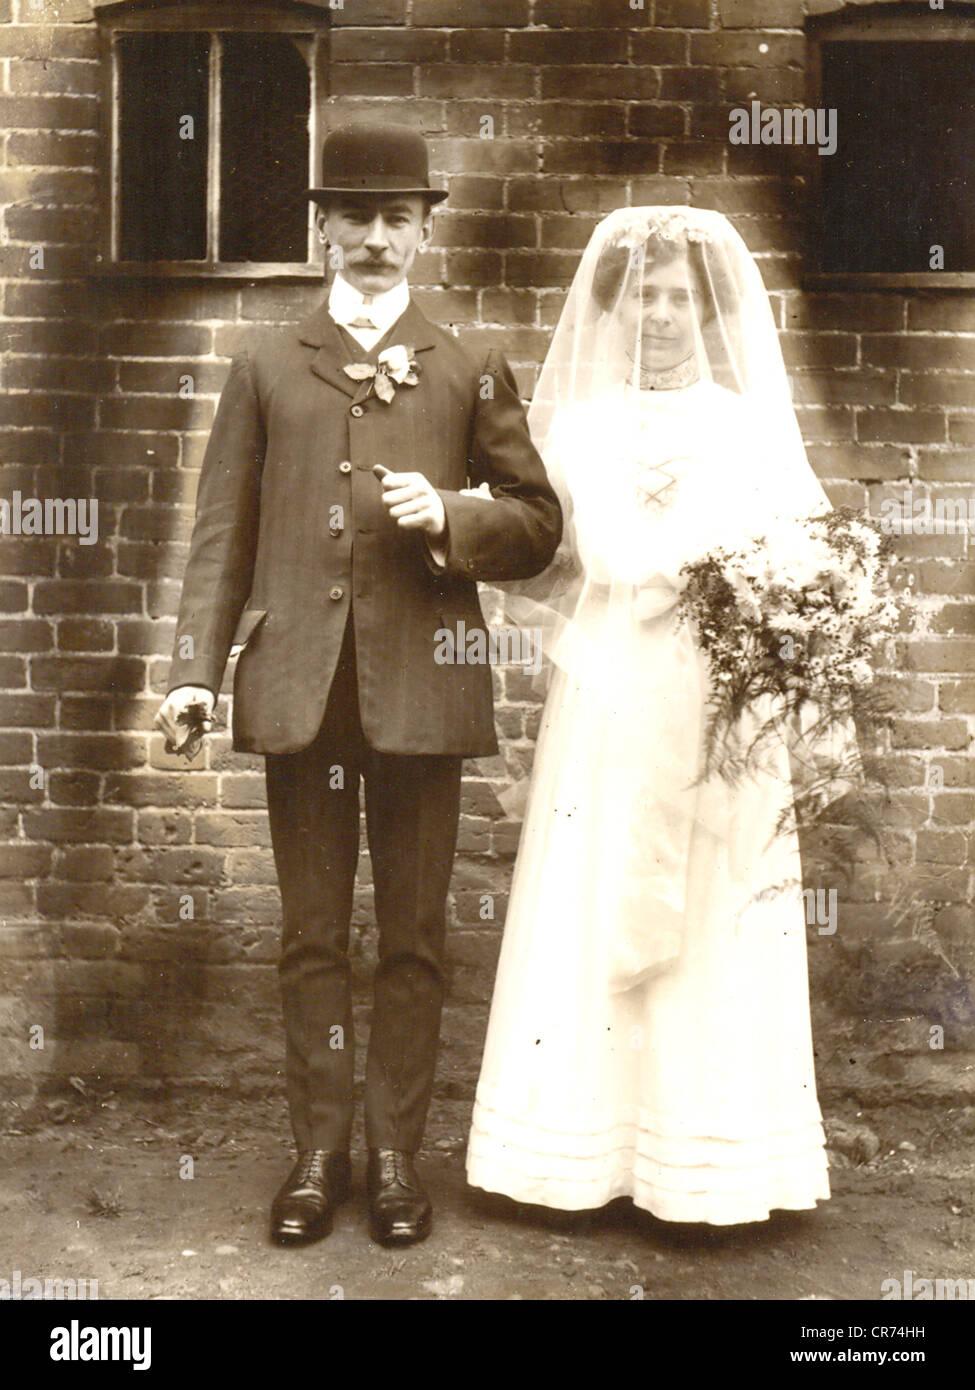 Portrait photographique du père et de l'épouse Photo Stock